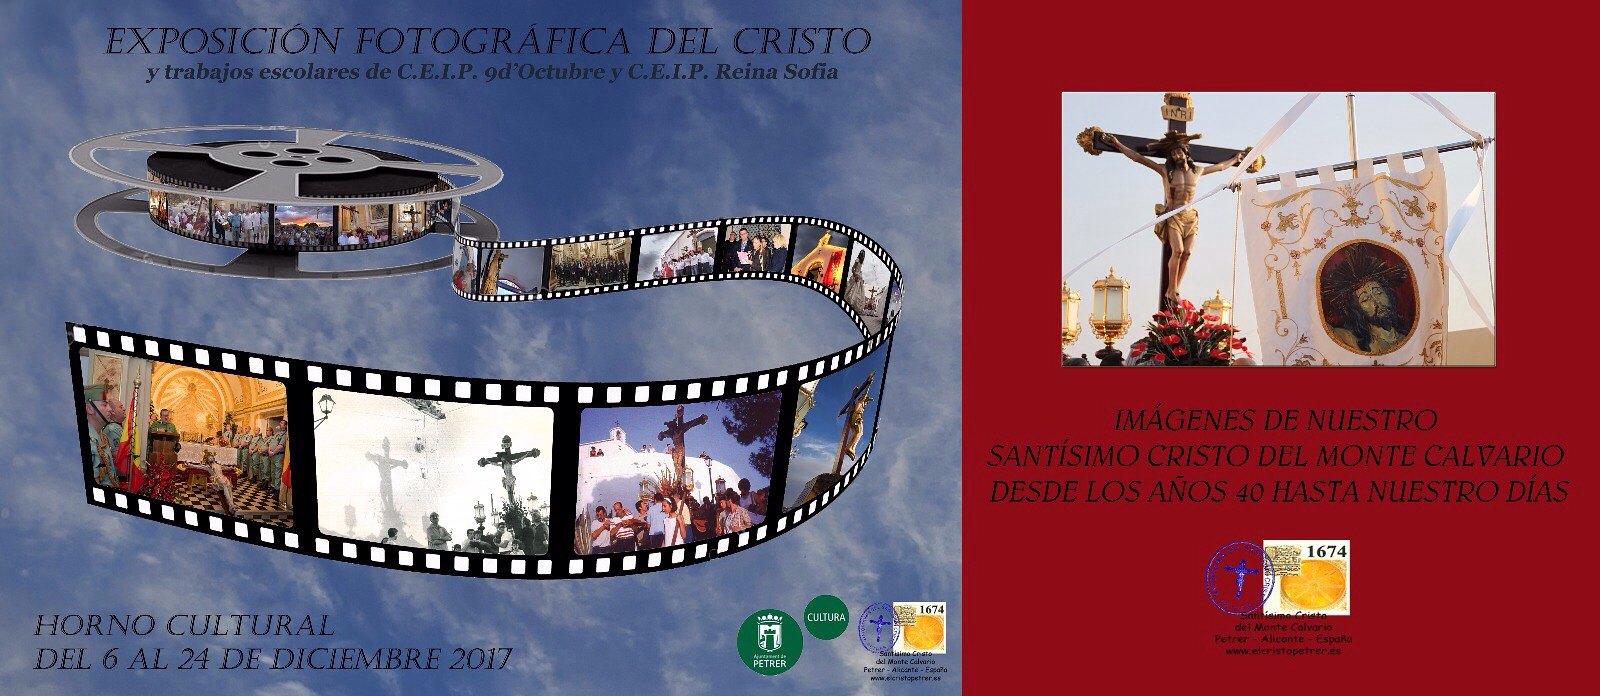 ElCristo - Actos - Exposicion Fotografica - (2017-12-06) - Cartel (02)